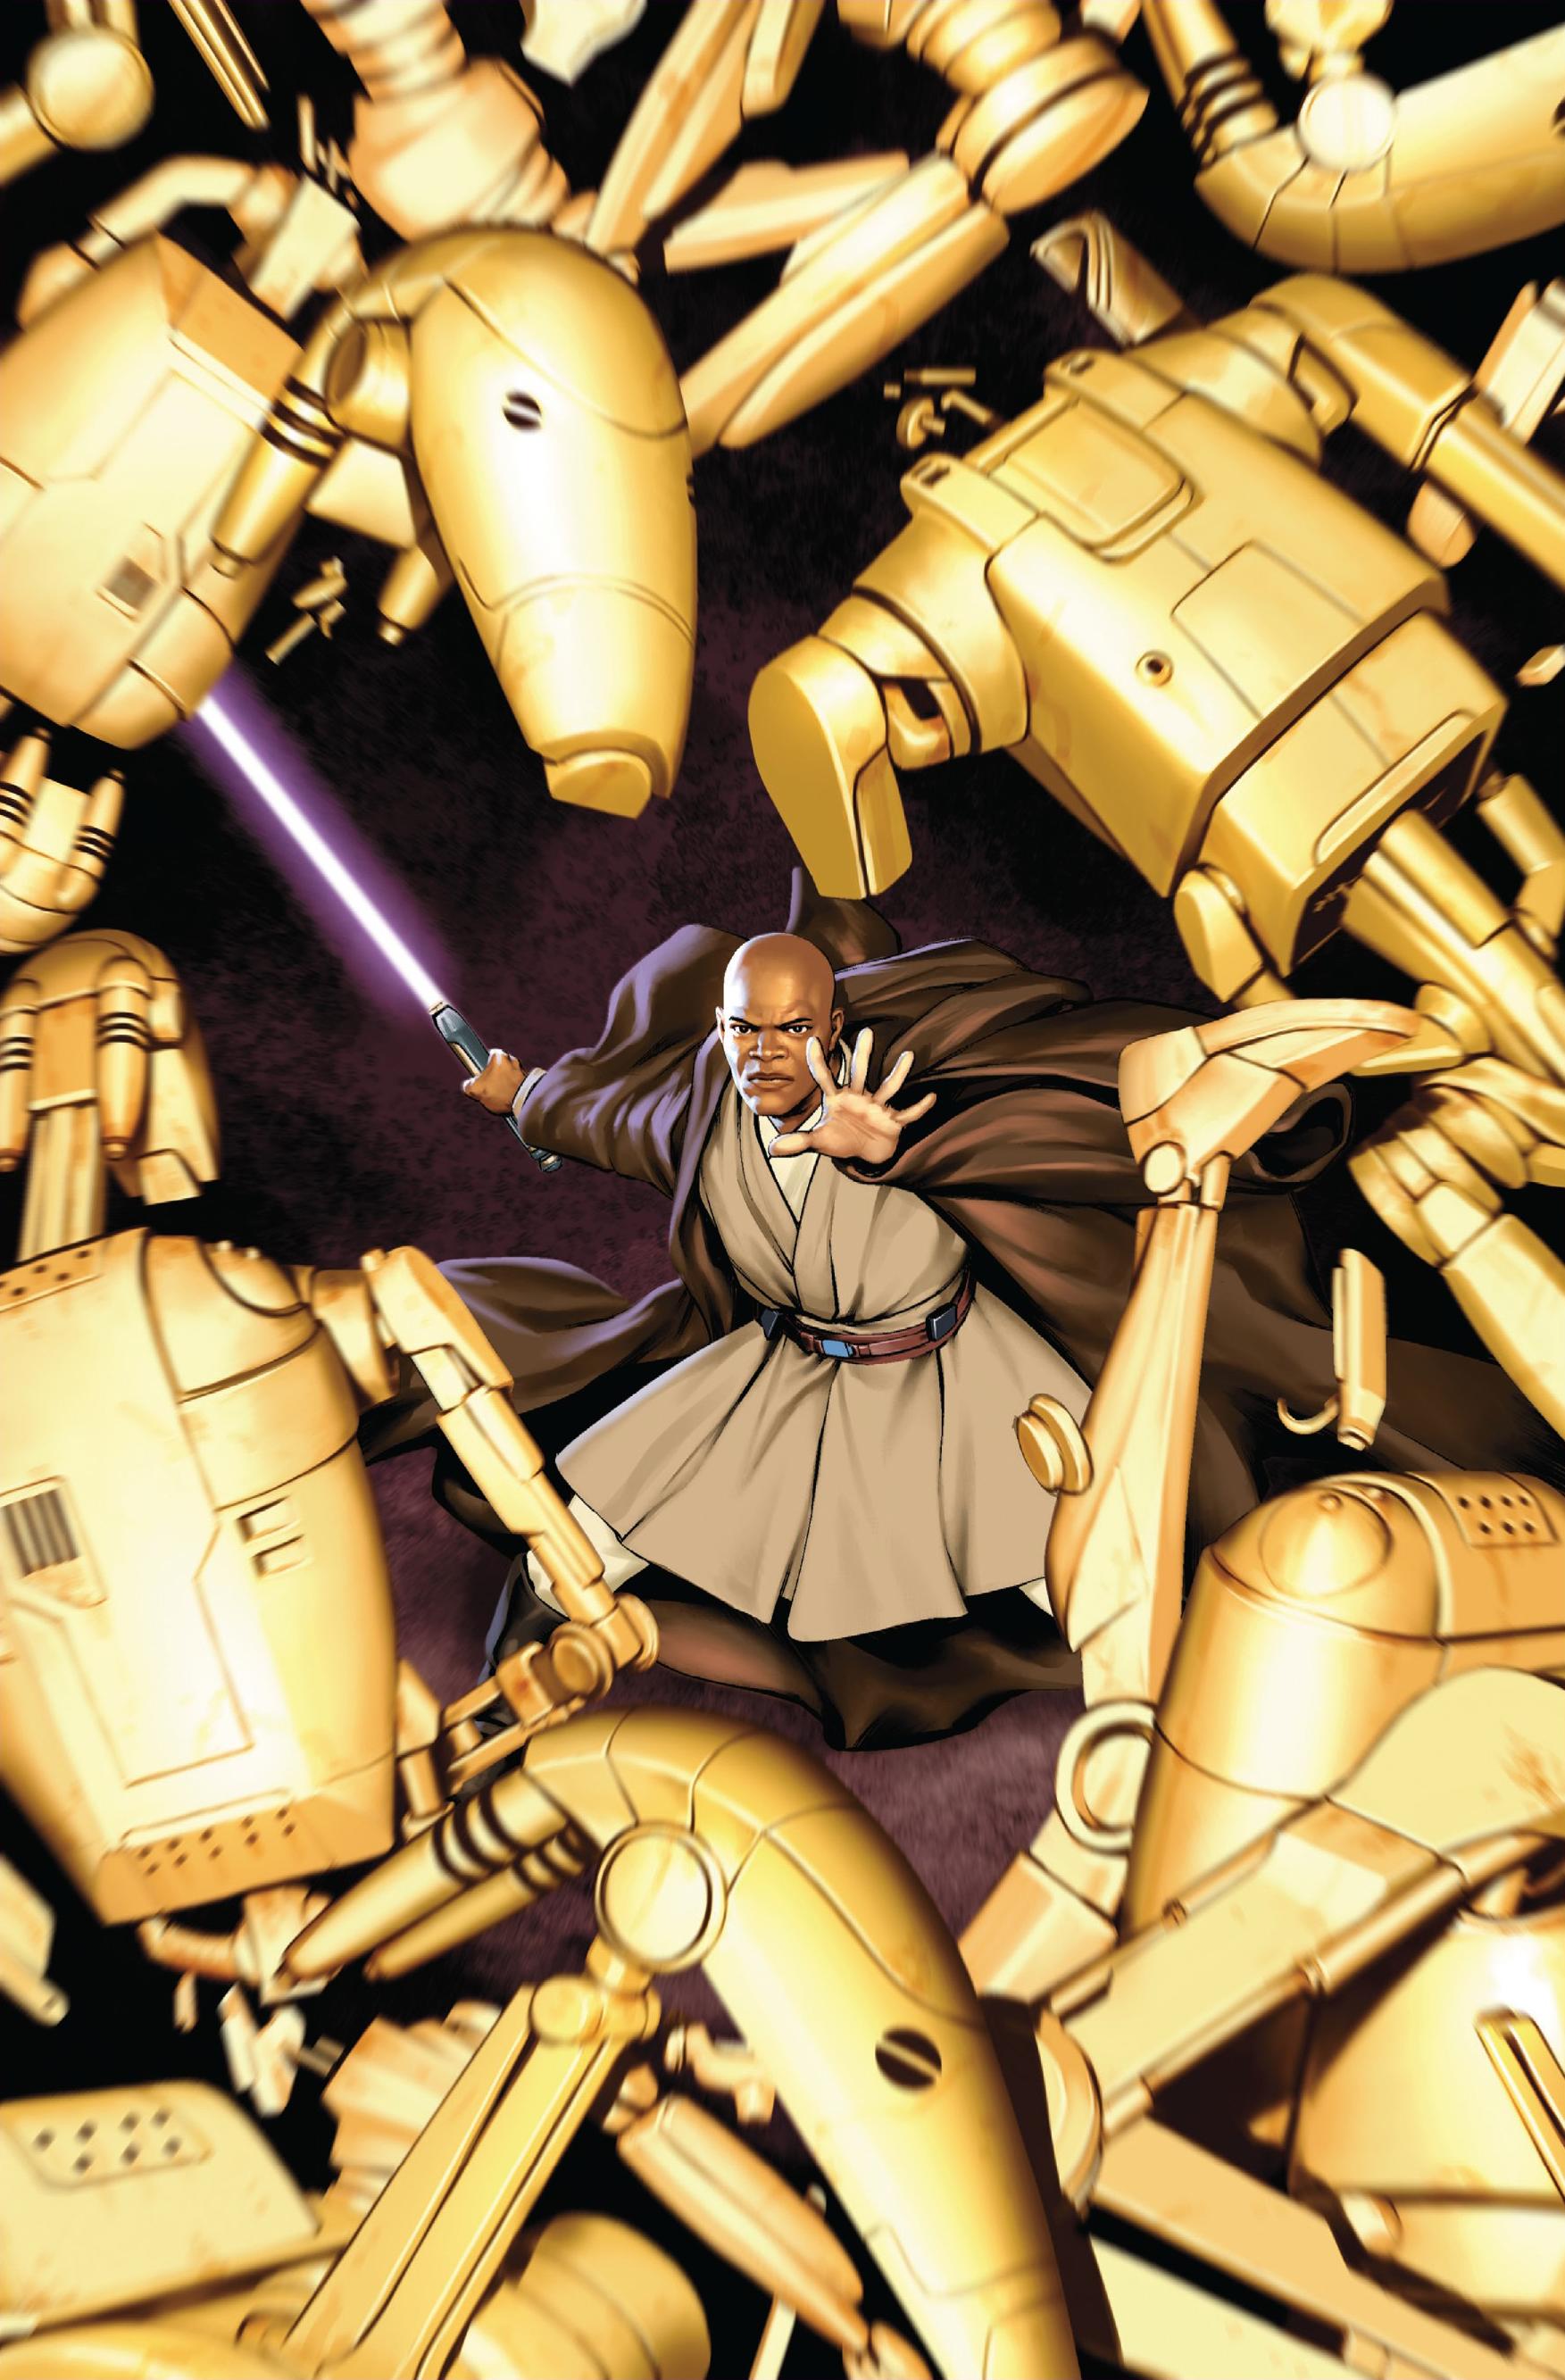 スター・ウォーズ:共和国のジェダイ—メイス・ウィンドゥ